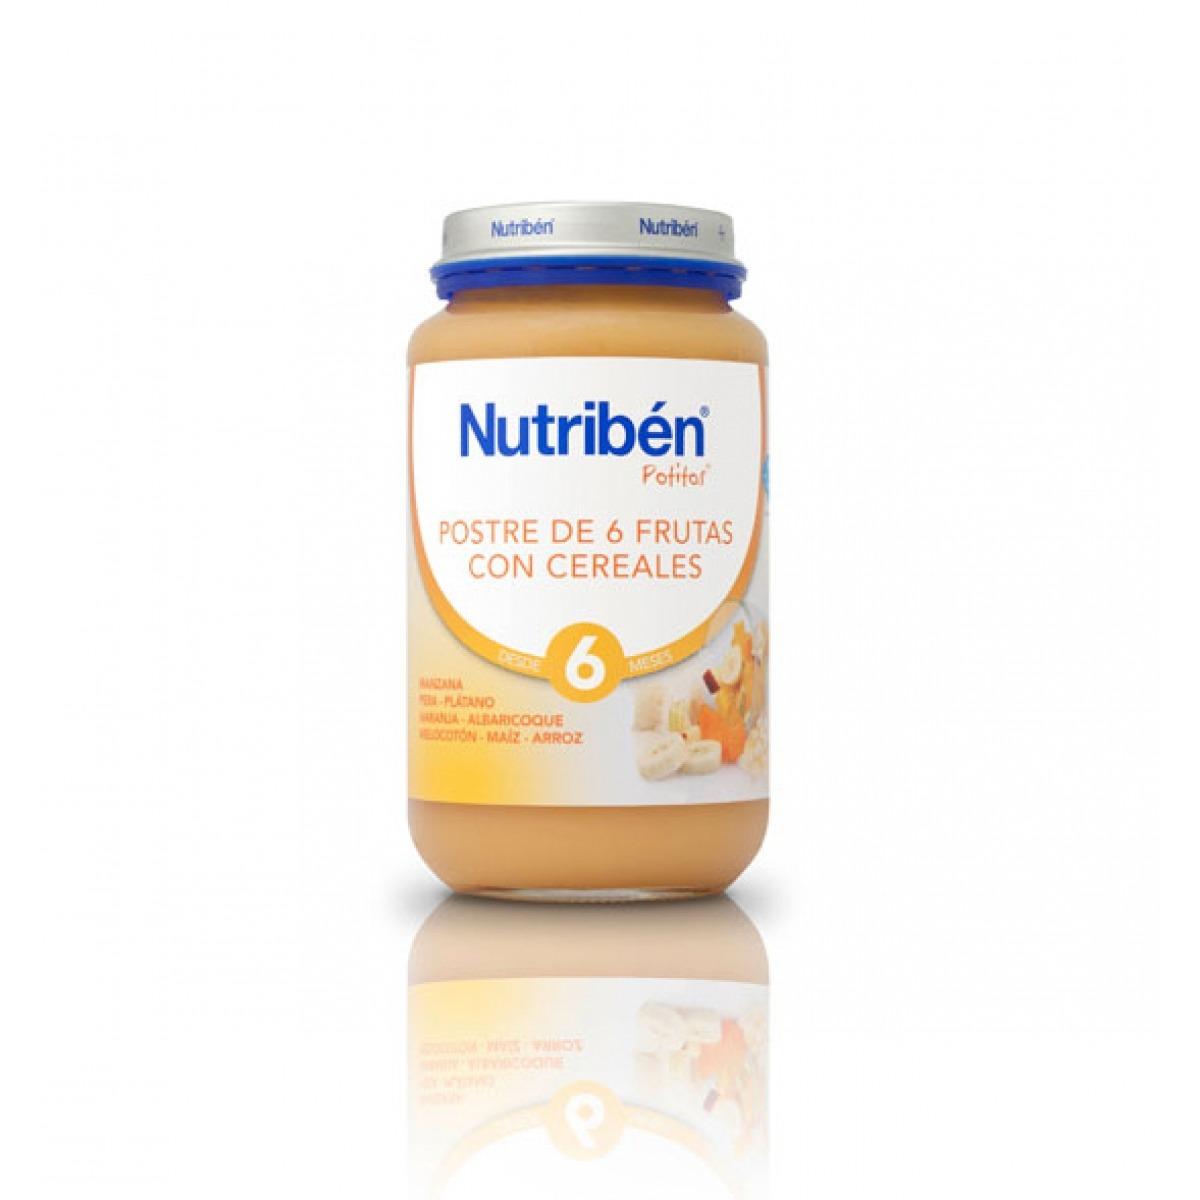 NUTRIBEN POSTRE 6 FRUTAS CON CEREALES 250 G.